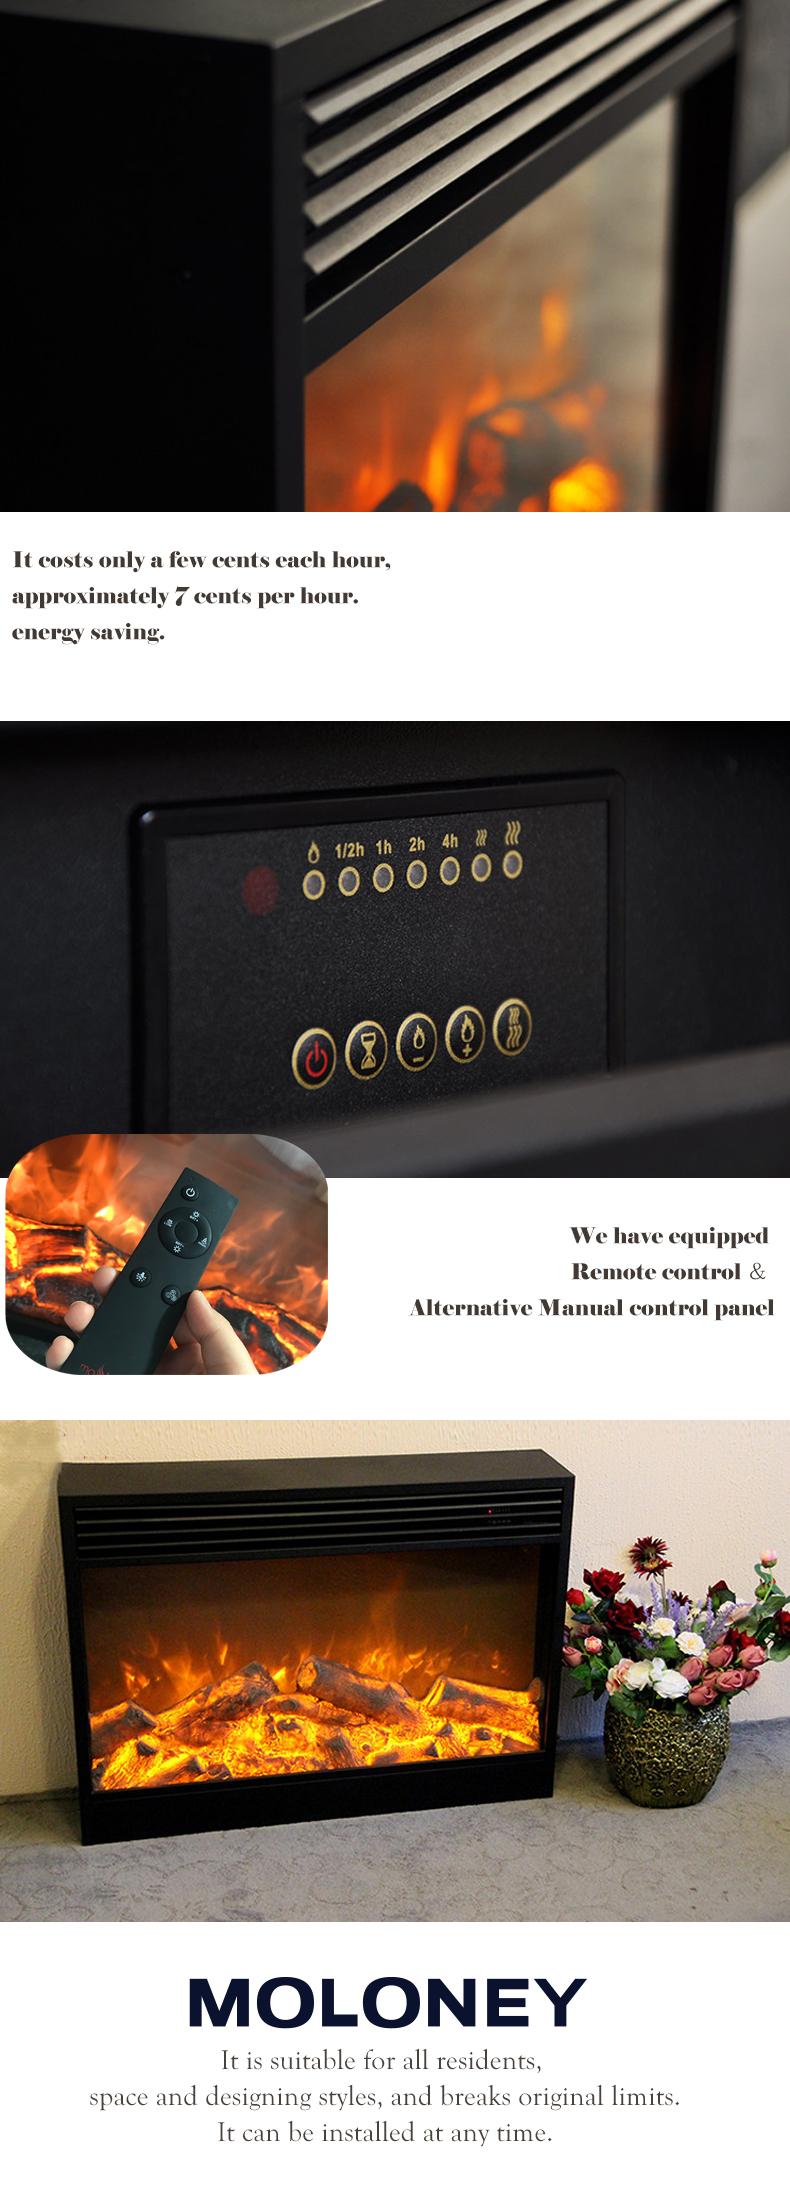 긴 수명 저렴한 월마트 벽난로 삽입 대형 전기 벽난로 불꽃 효과